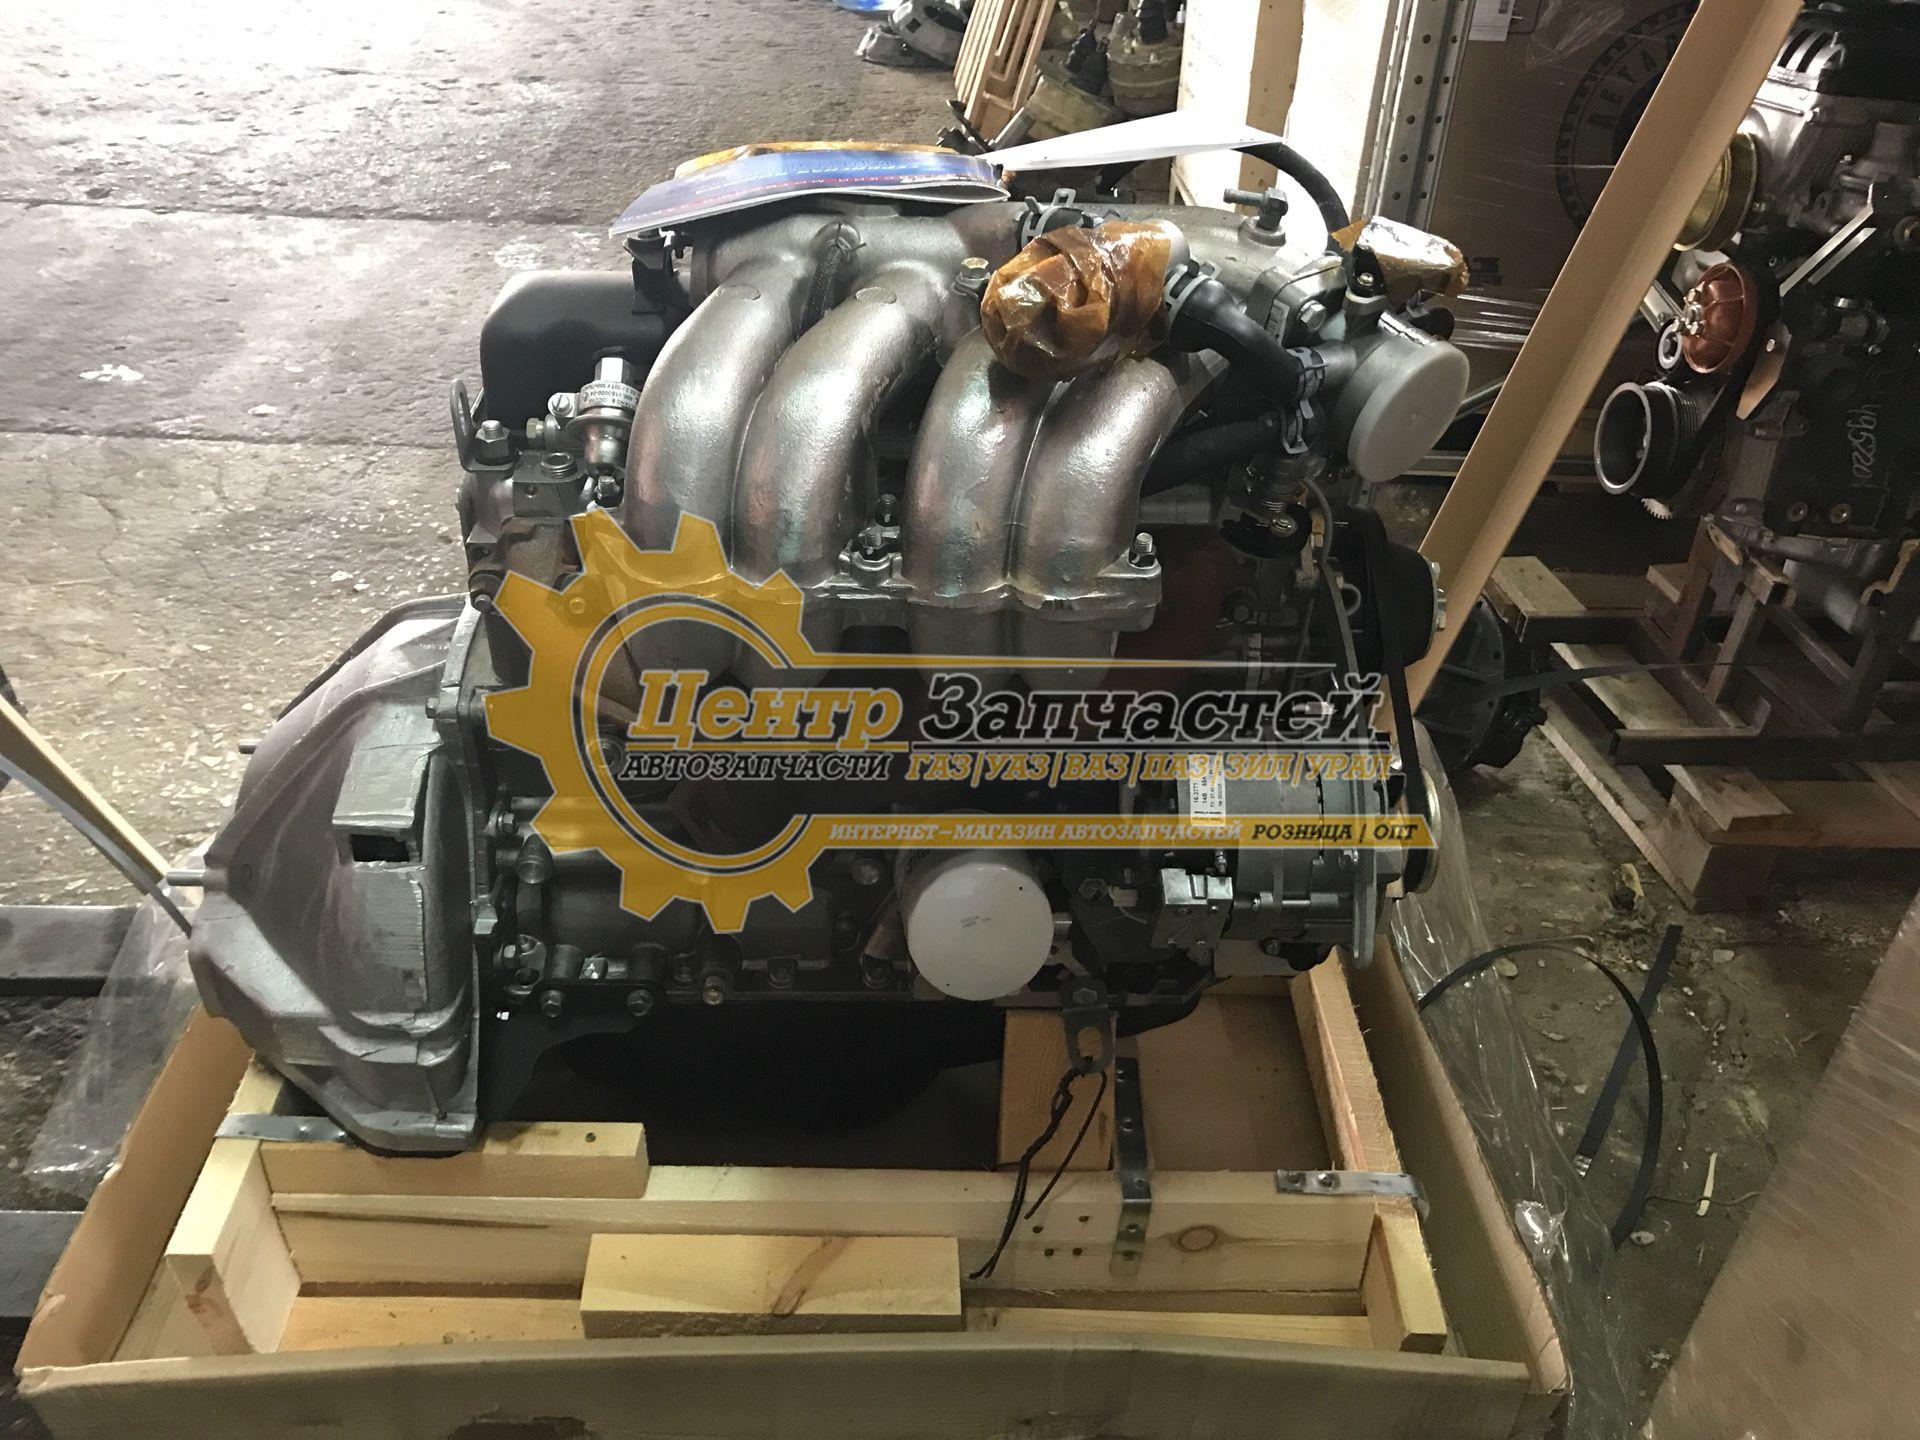 Двигатель УМЗ-417, 4175,4178 УАЗ 469,452 Евро-0. Мощность 92 л.с. Артикул 4178.1000402-32.